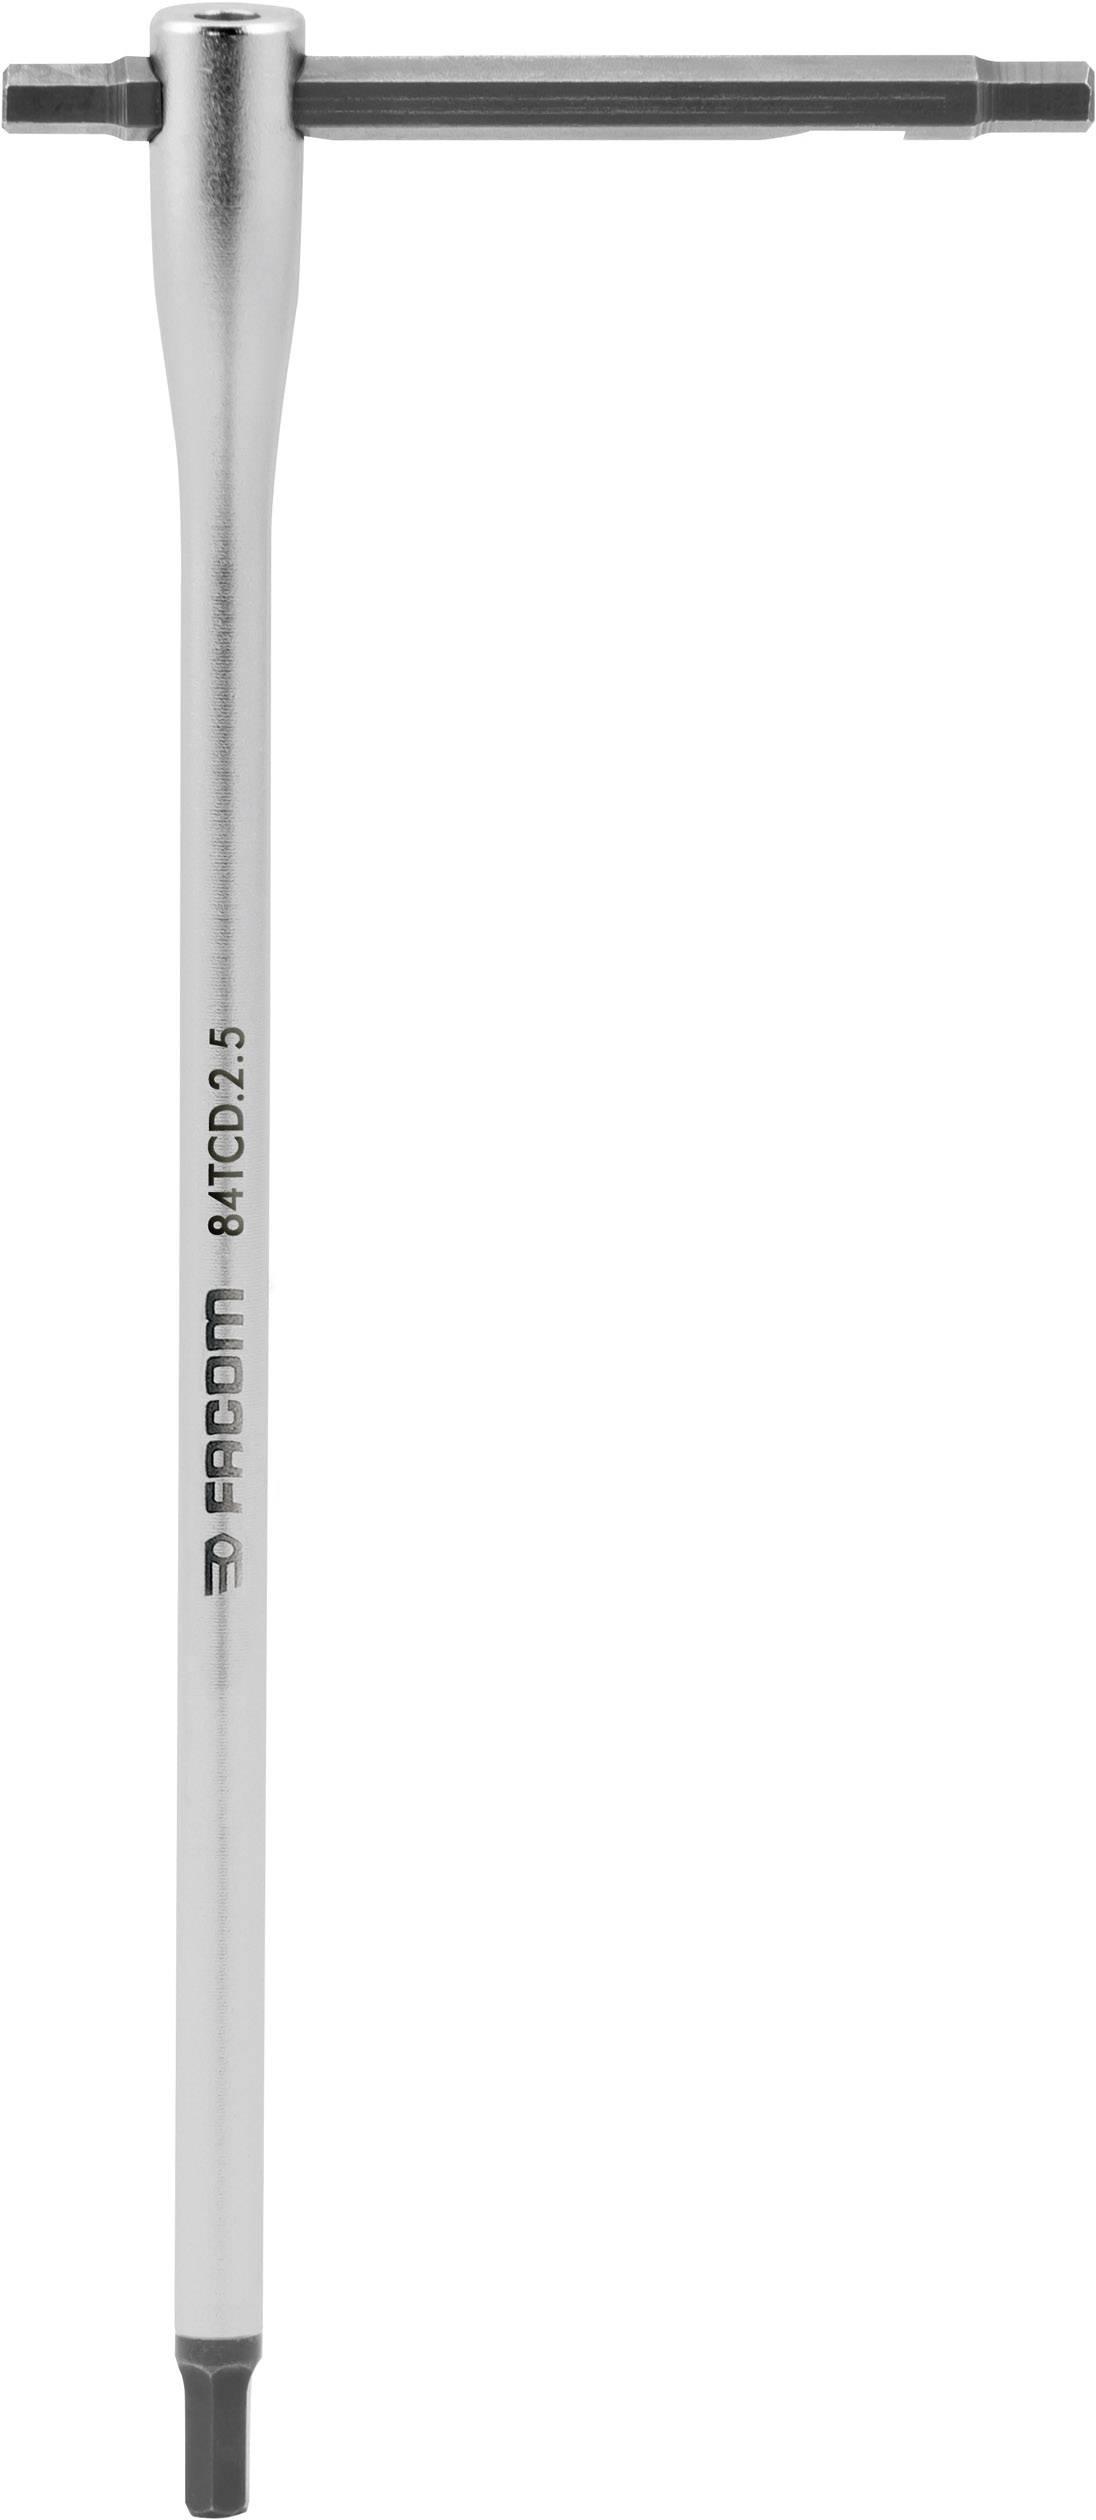 Imbusový kľúč s flexibilnou T rukoväťou Facom 84TCD.2.5, 2,5 mm